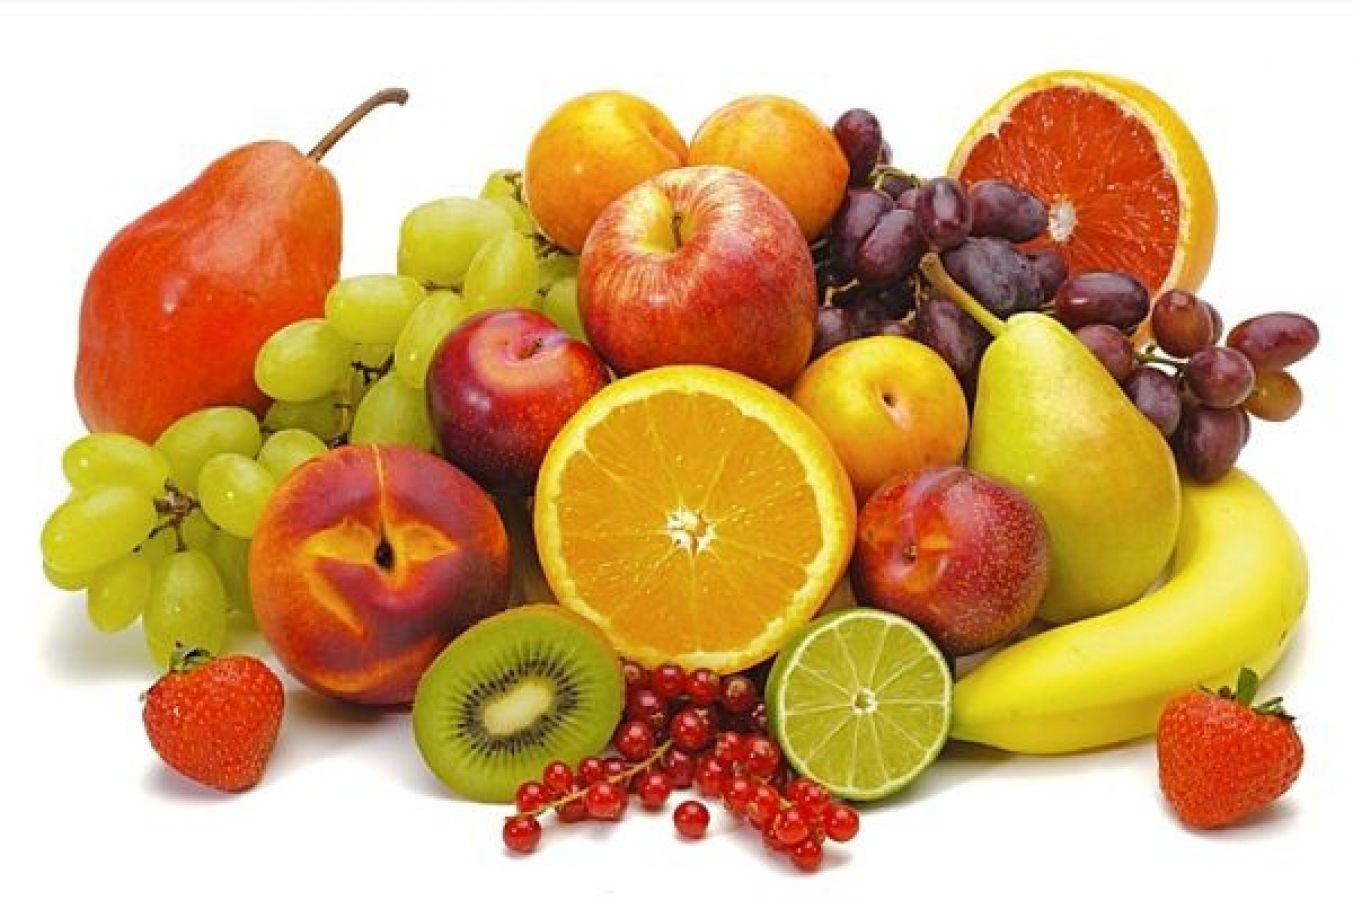 इन फलों के सेवन से गर्मियों में मिलेगा फायदा